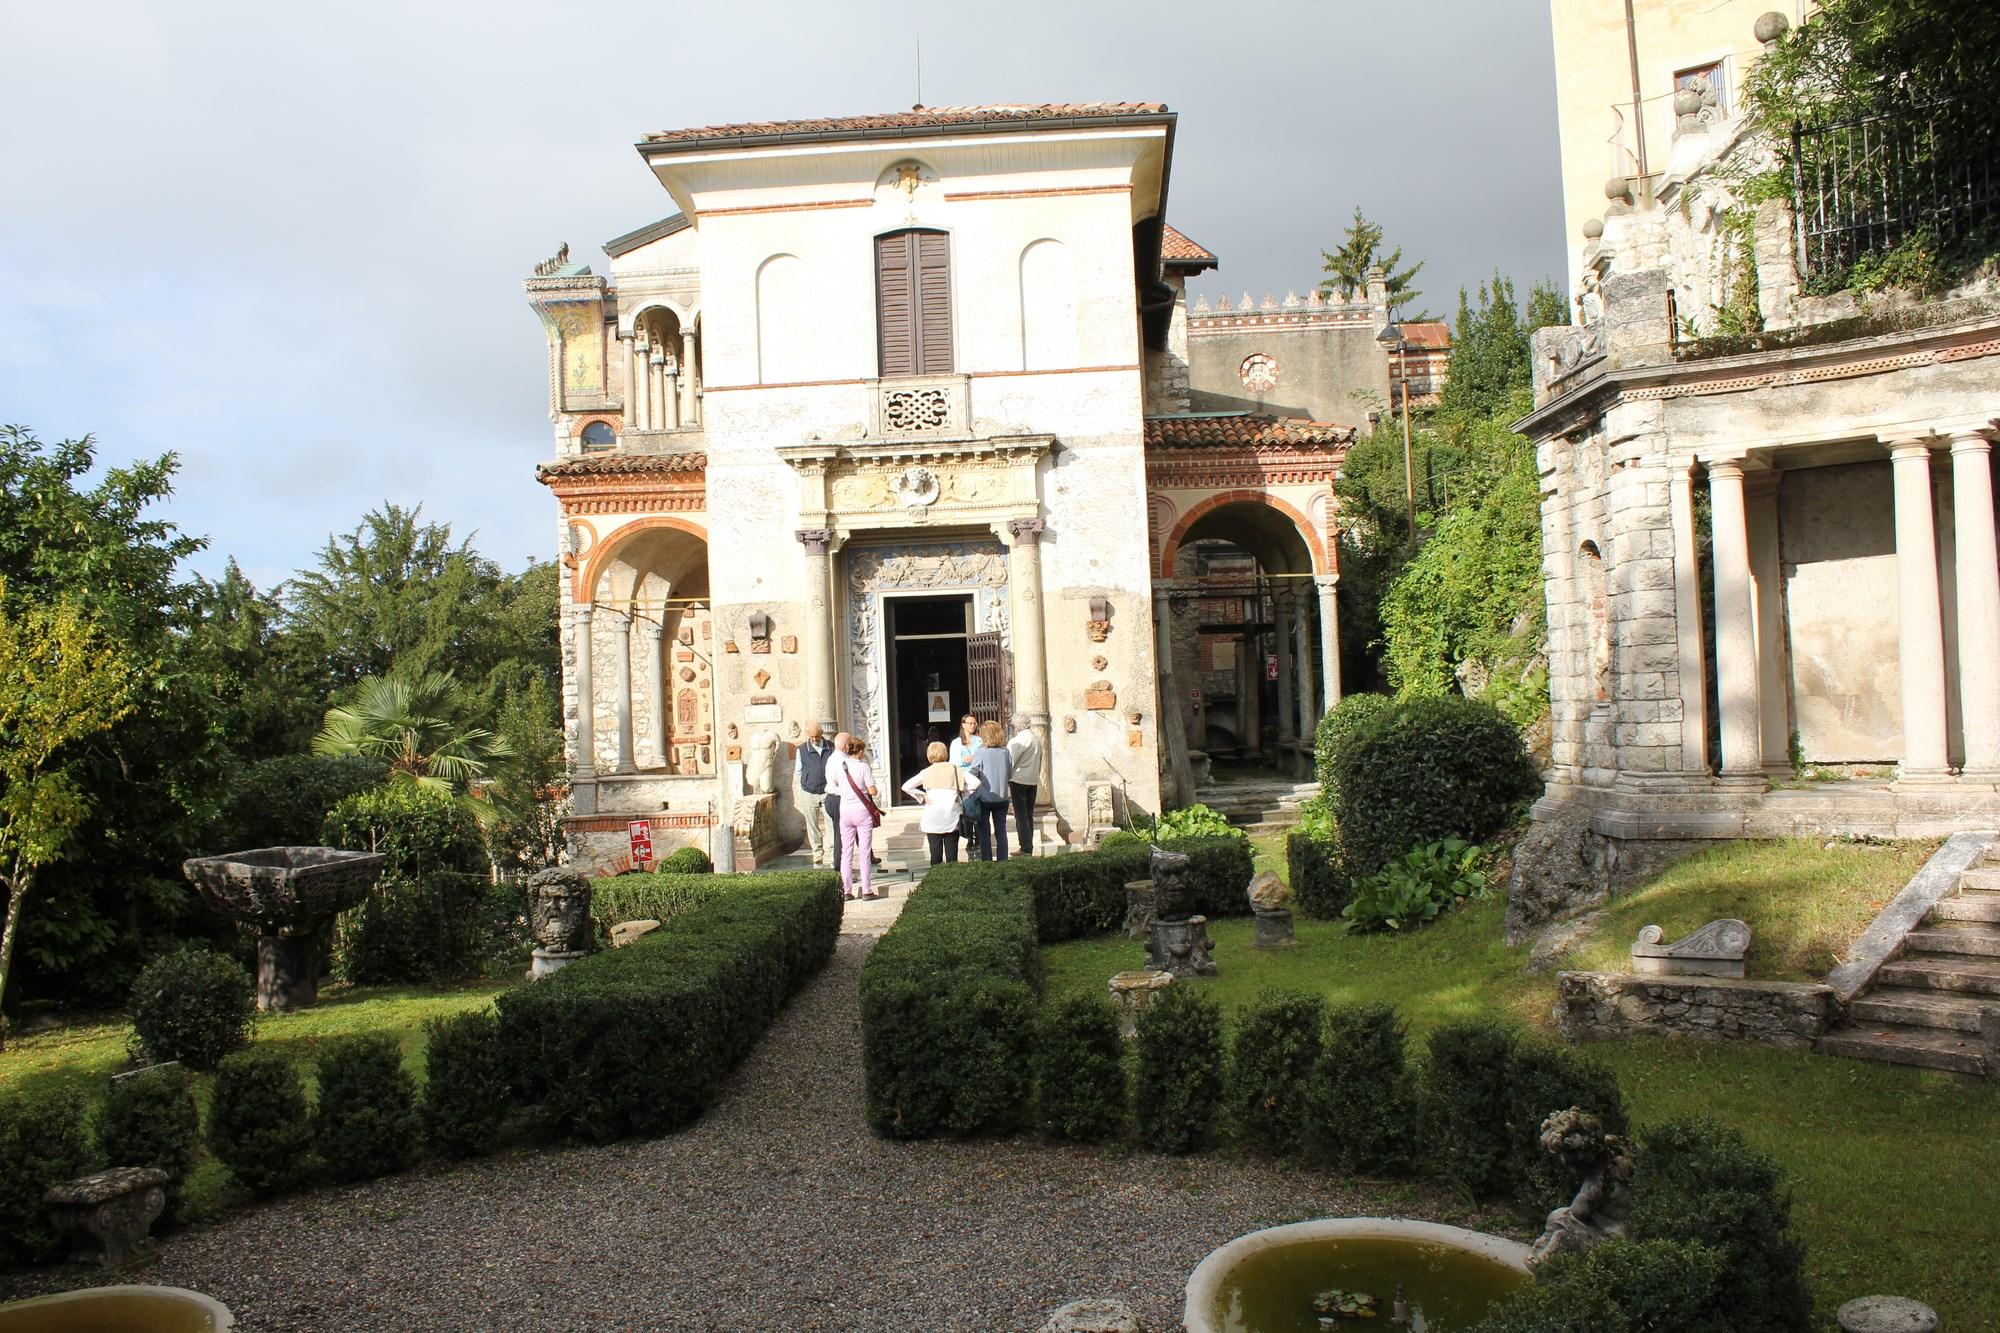 Una splendida mattinata alla Casa Museo Lodovico Pogliaghi